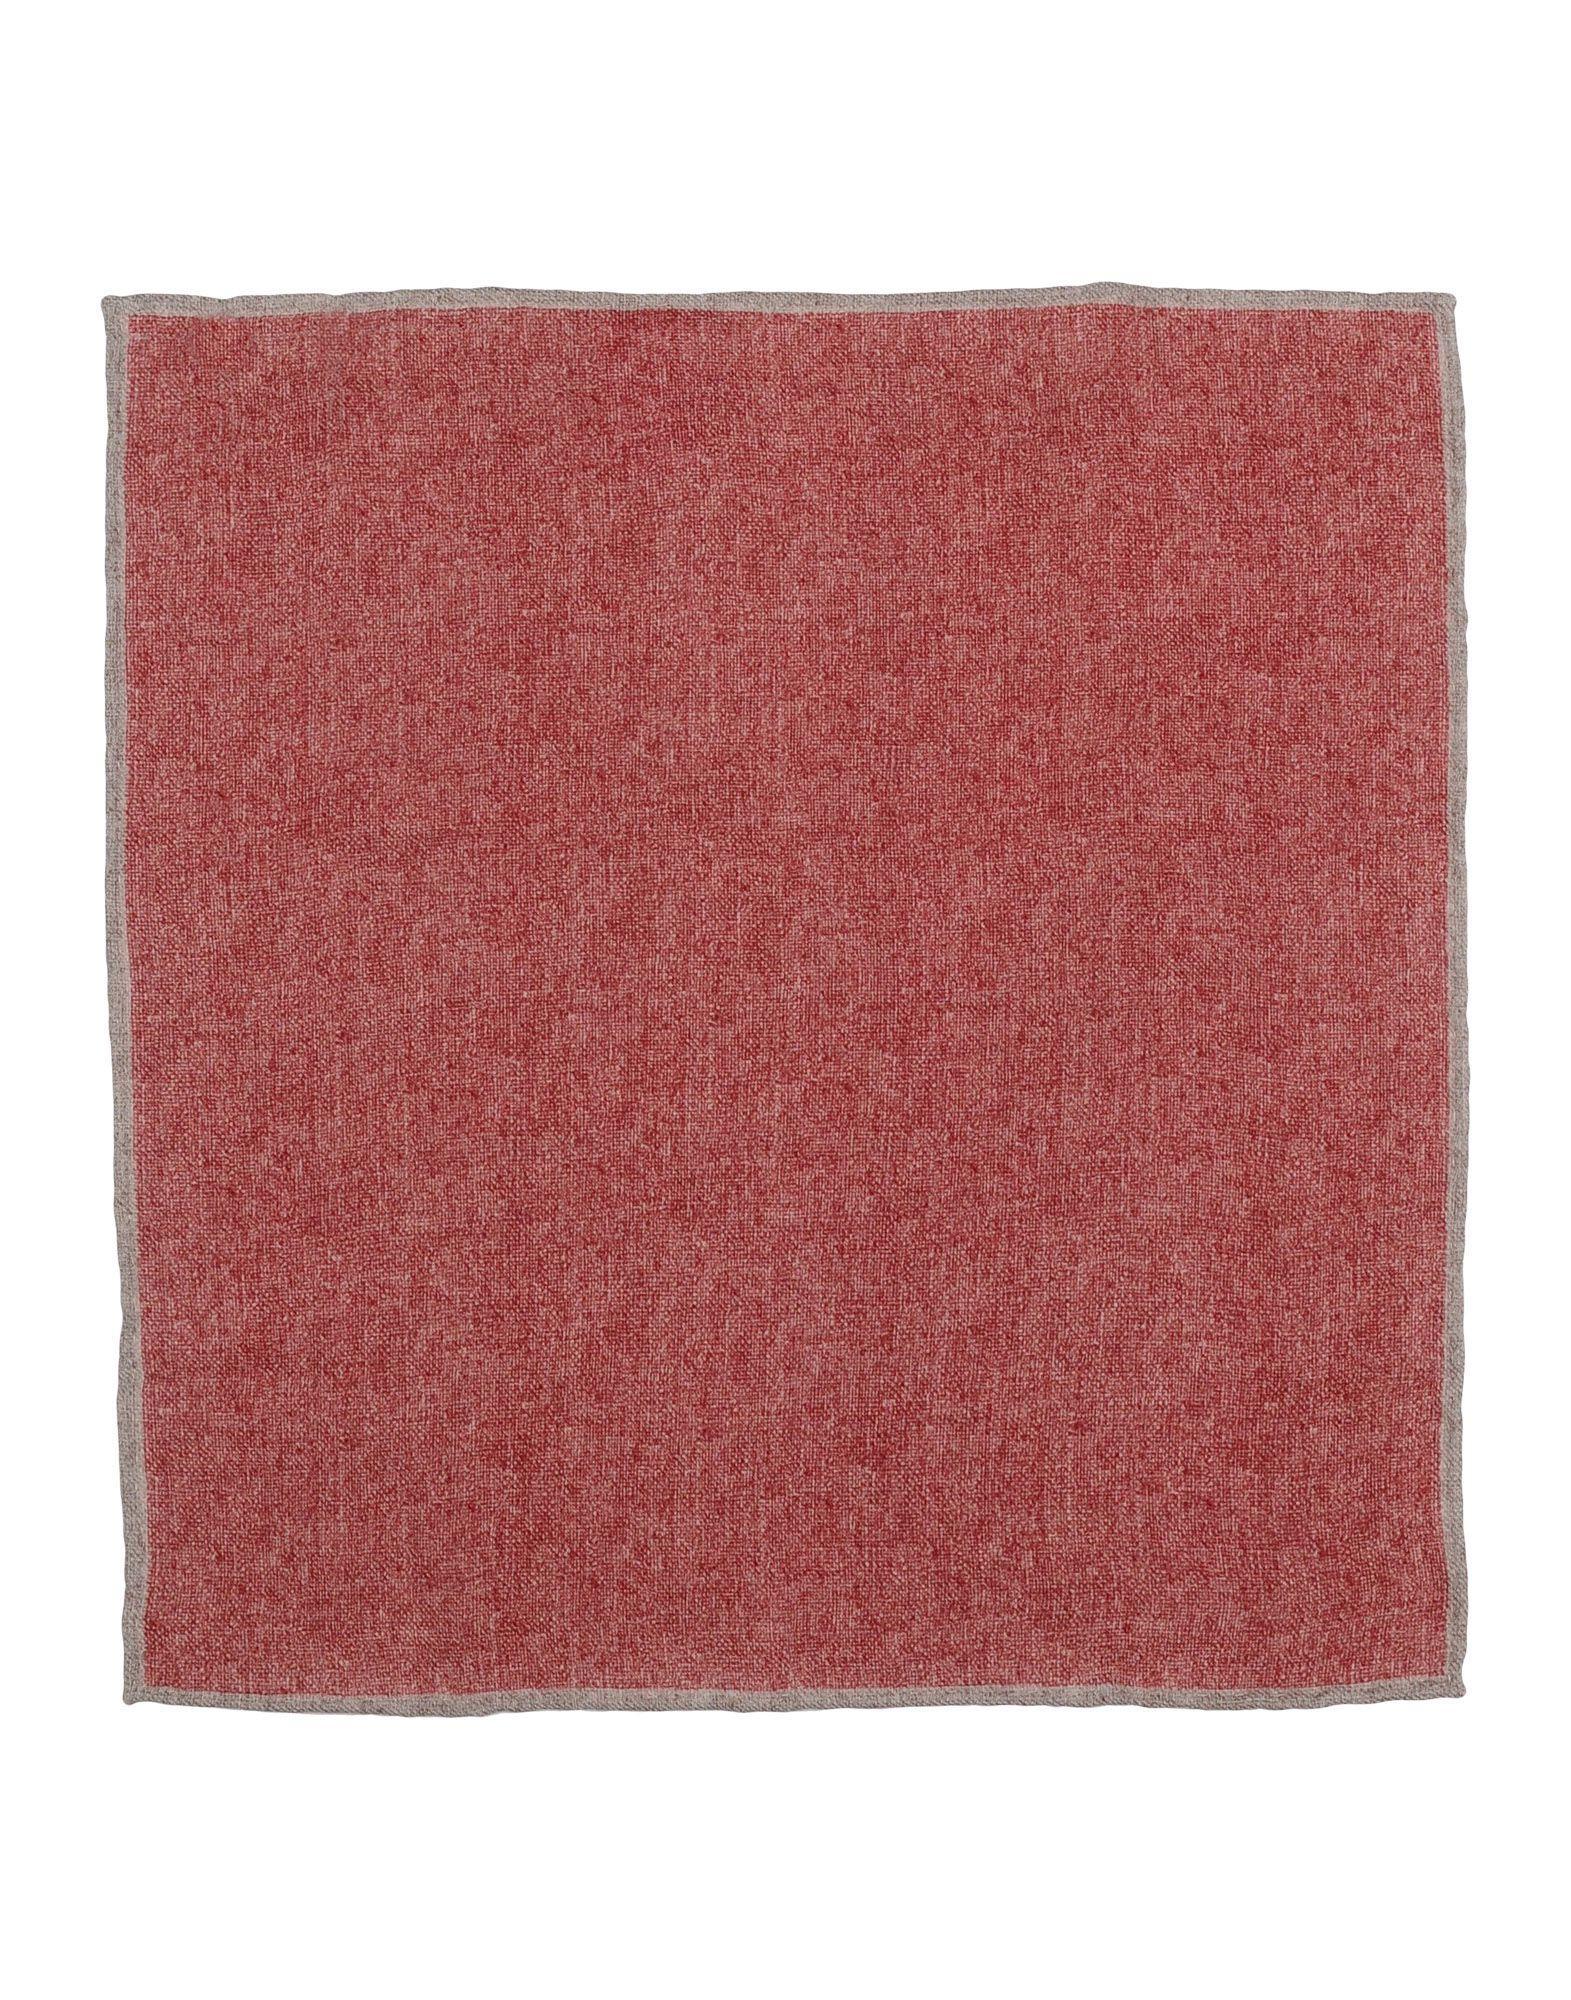 Brunello Cucinelli Square Scarf In Brick Red